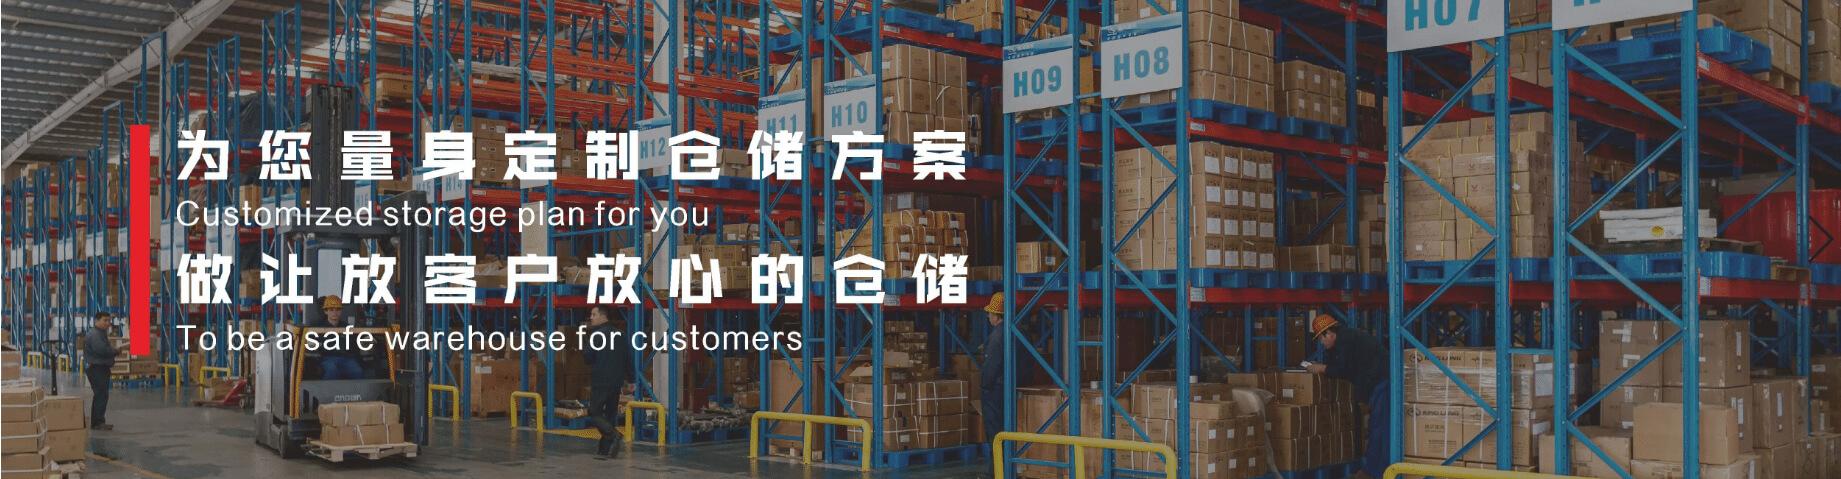 韬映仓储,为您量身定制仓储方案,做让客户放心的仓储设备厂家